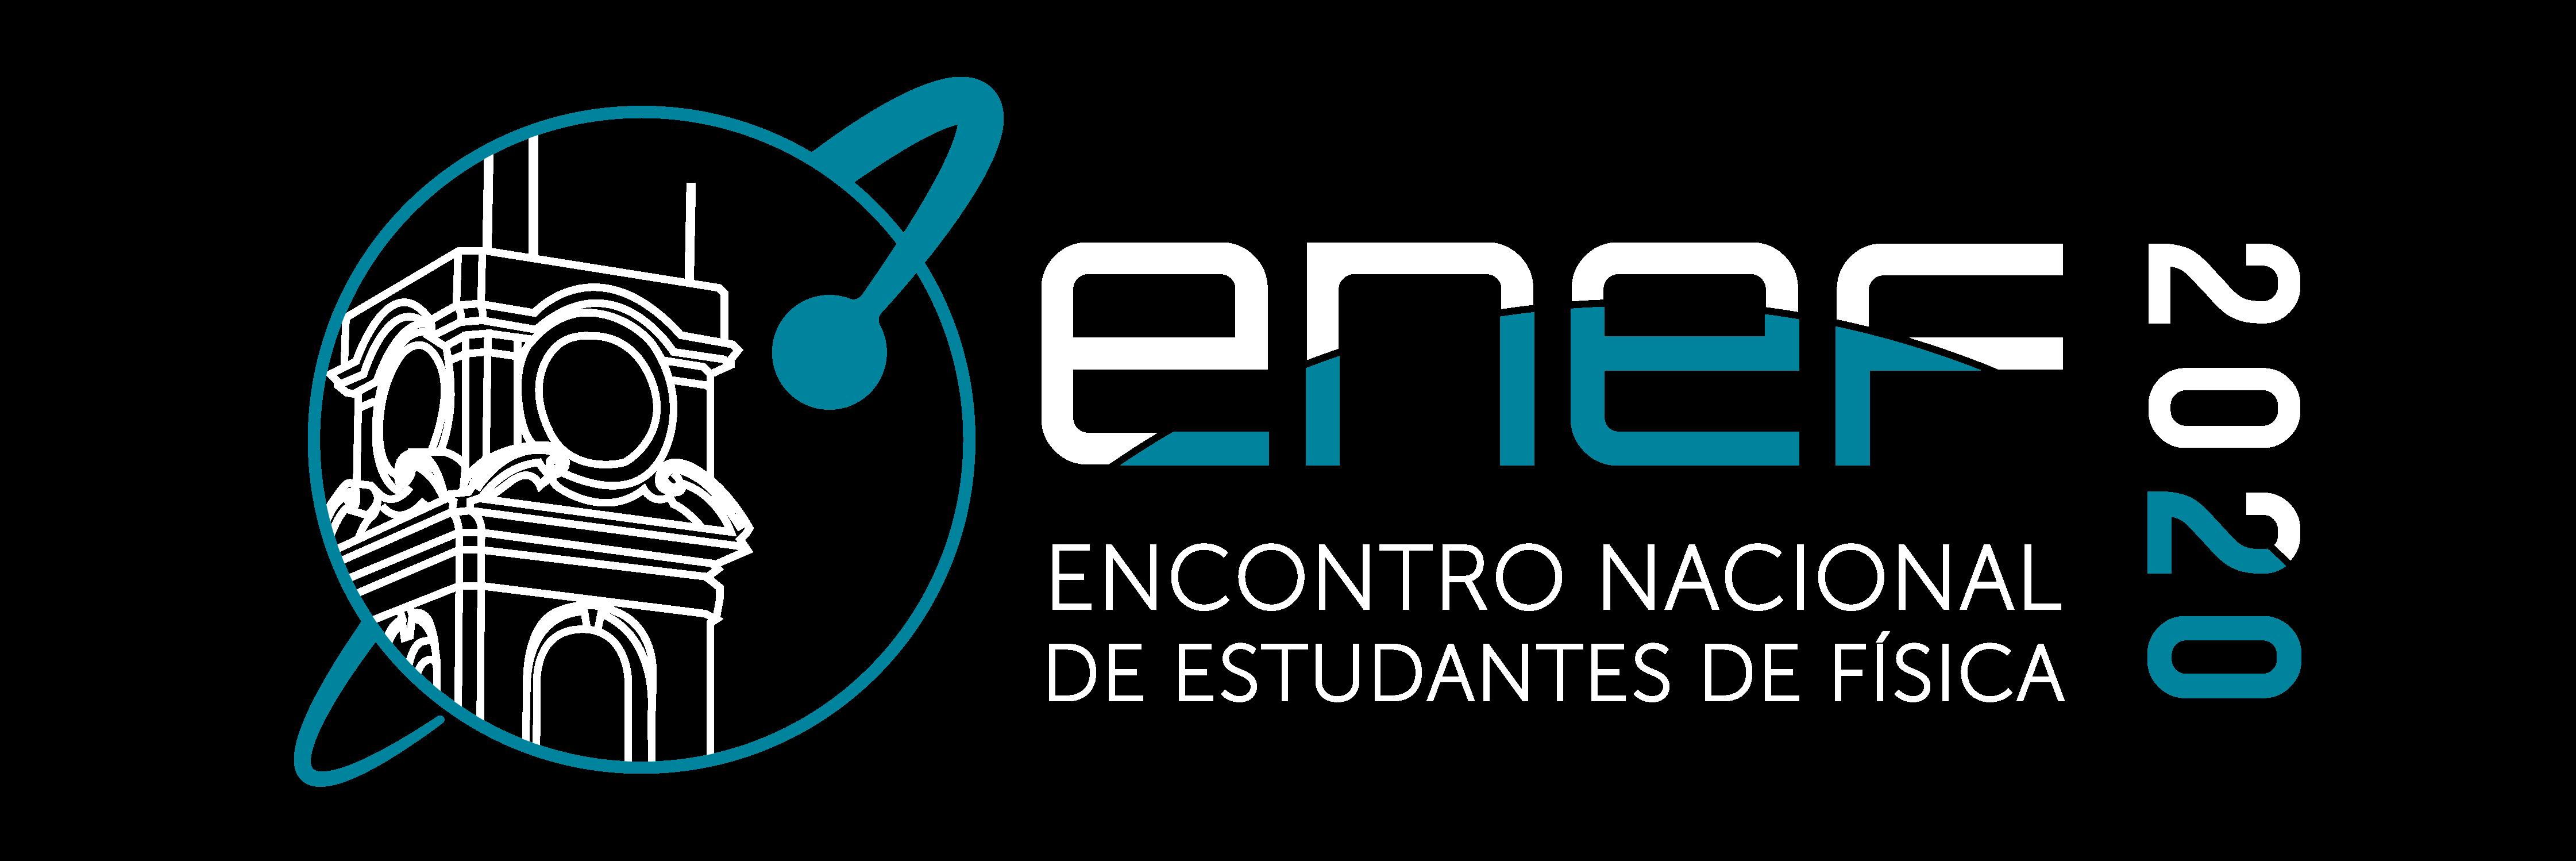 Encontro Nacional de Estudantes de Física 2020